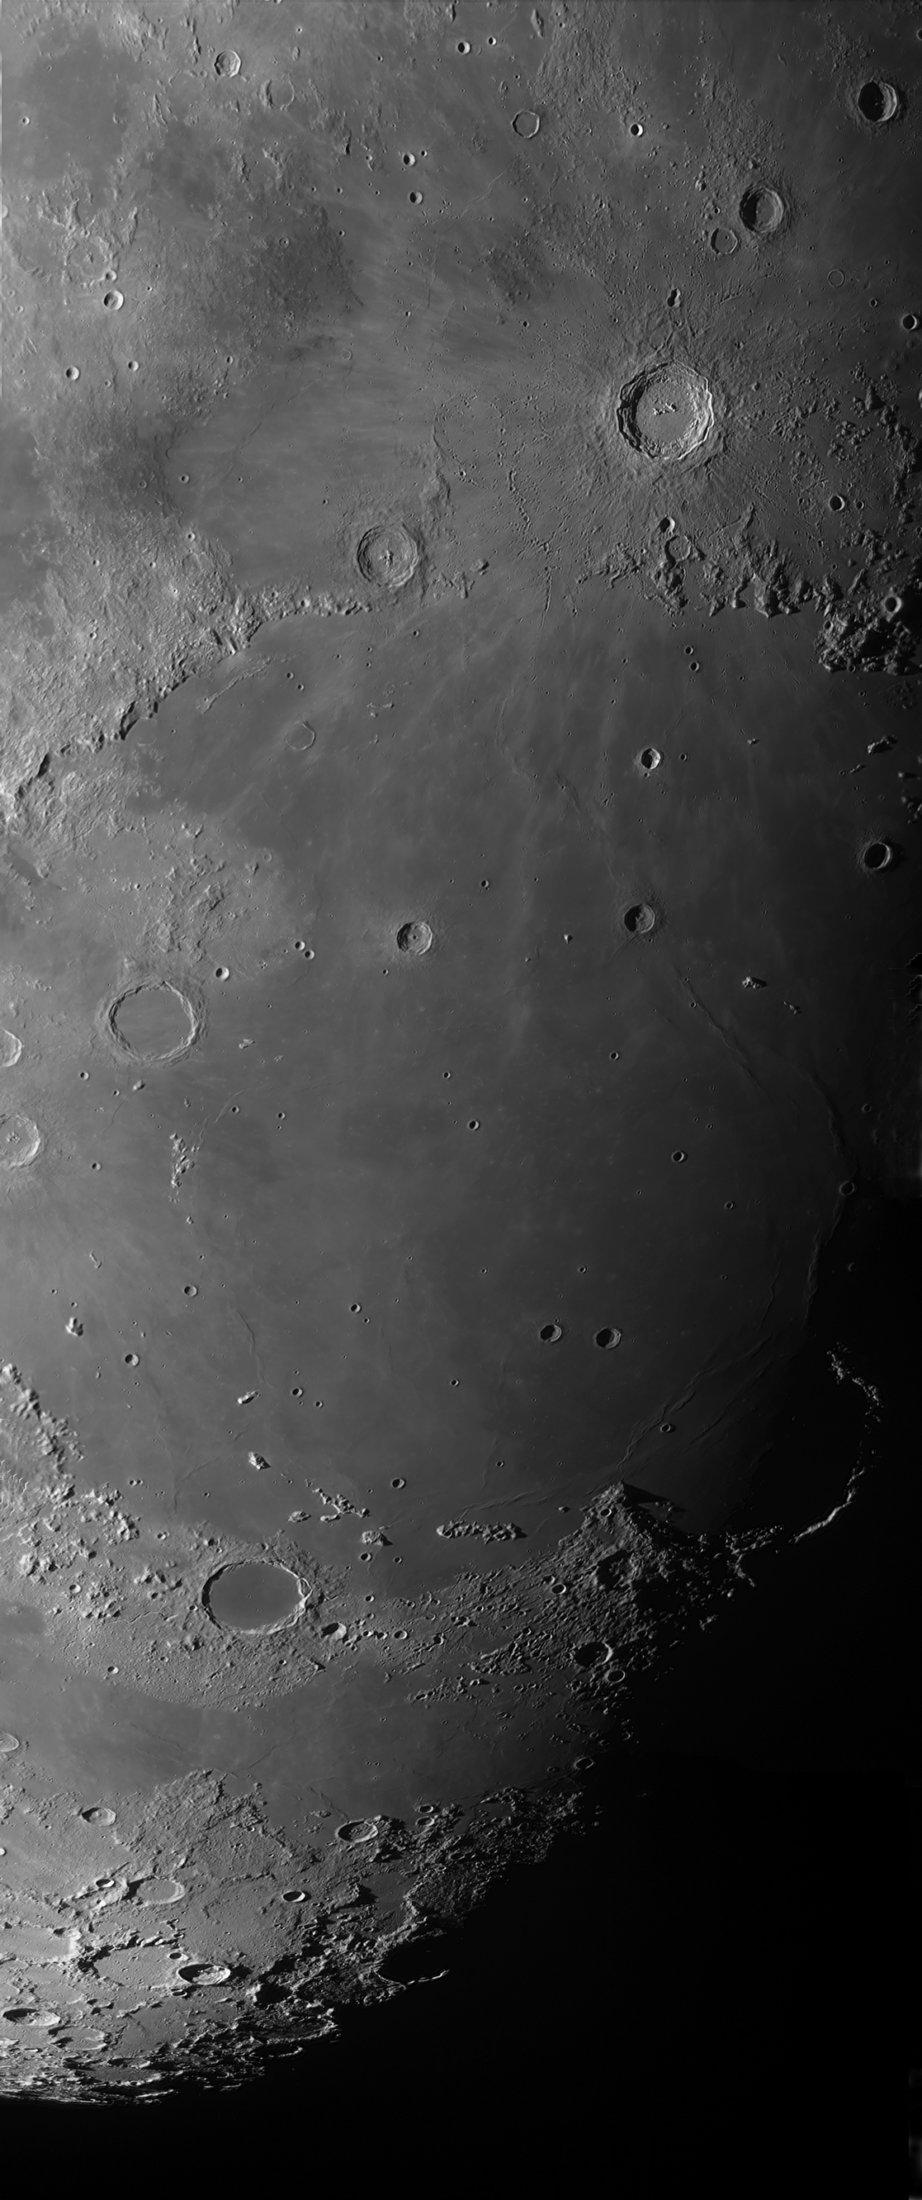 Mare Imbrium y Copernicus - Carles Labordena